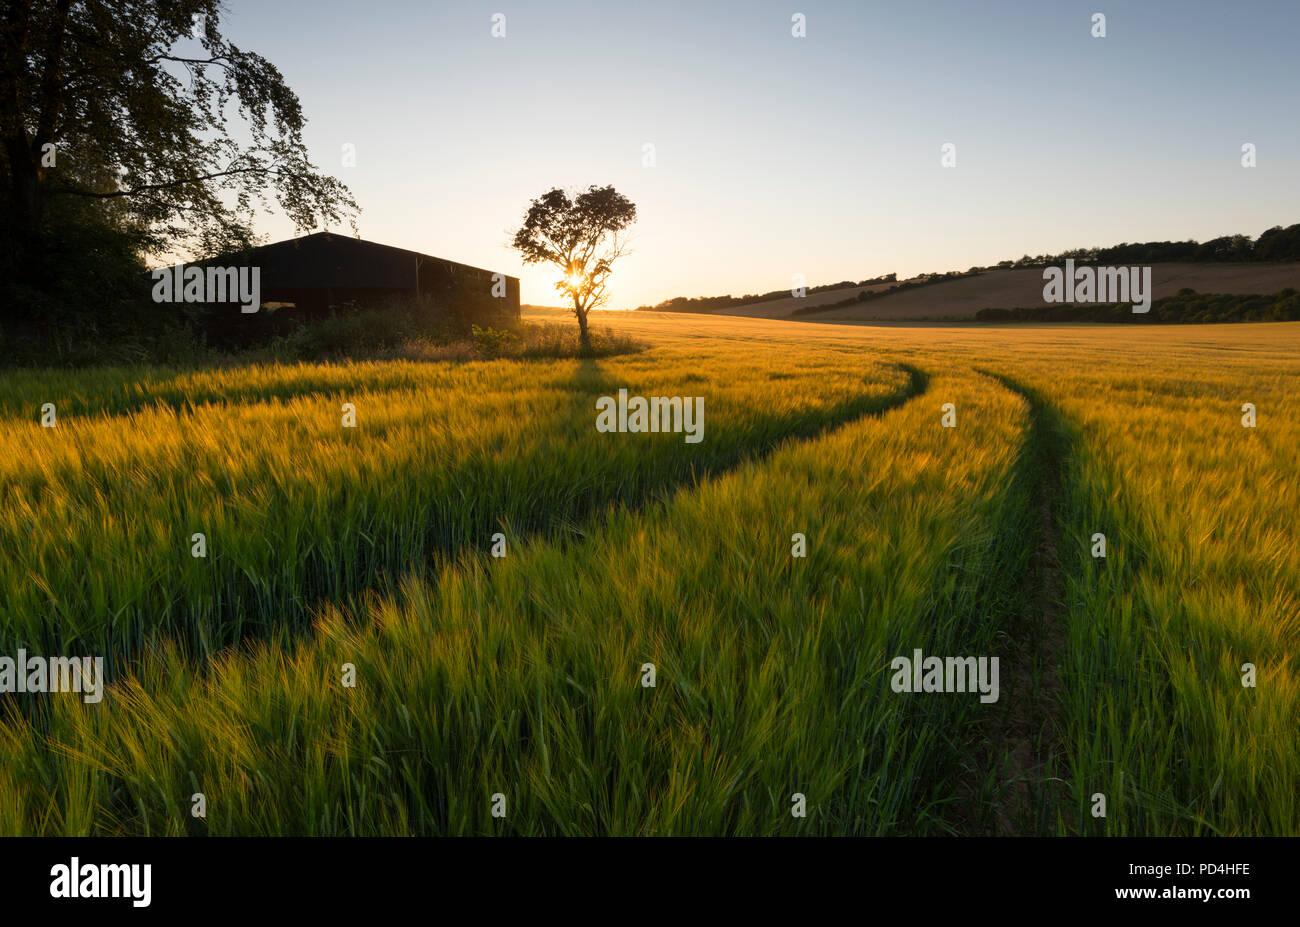 Eine idyllische Landschaft Szene; Traktor Linien in der Gerste Felder führen zu einem einsamen Baum neben einer Scheune bei Sonnenuntergang auf der Kent Downs AONB. Stockbild